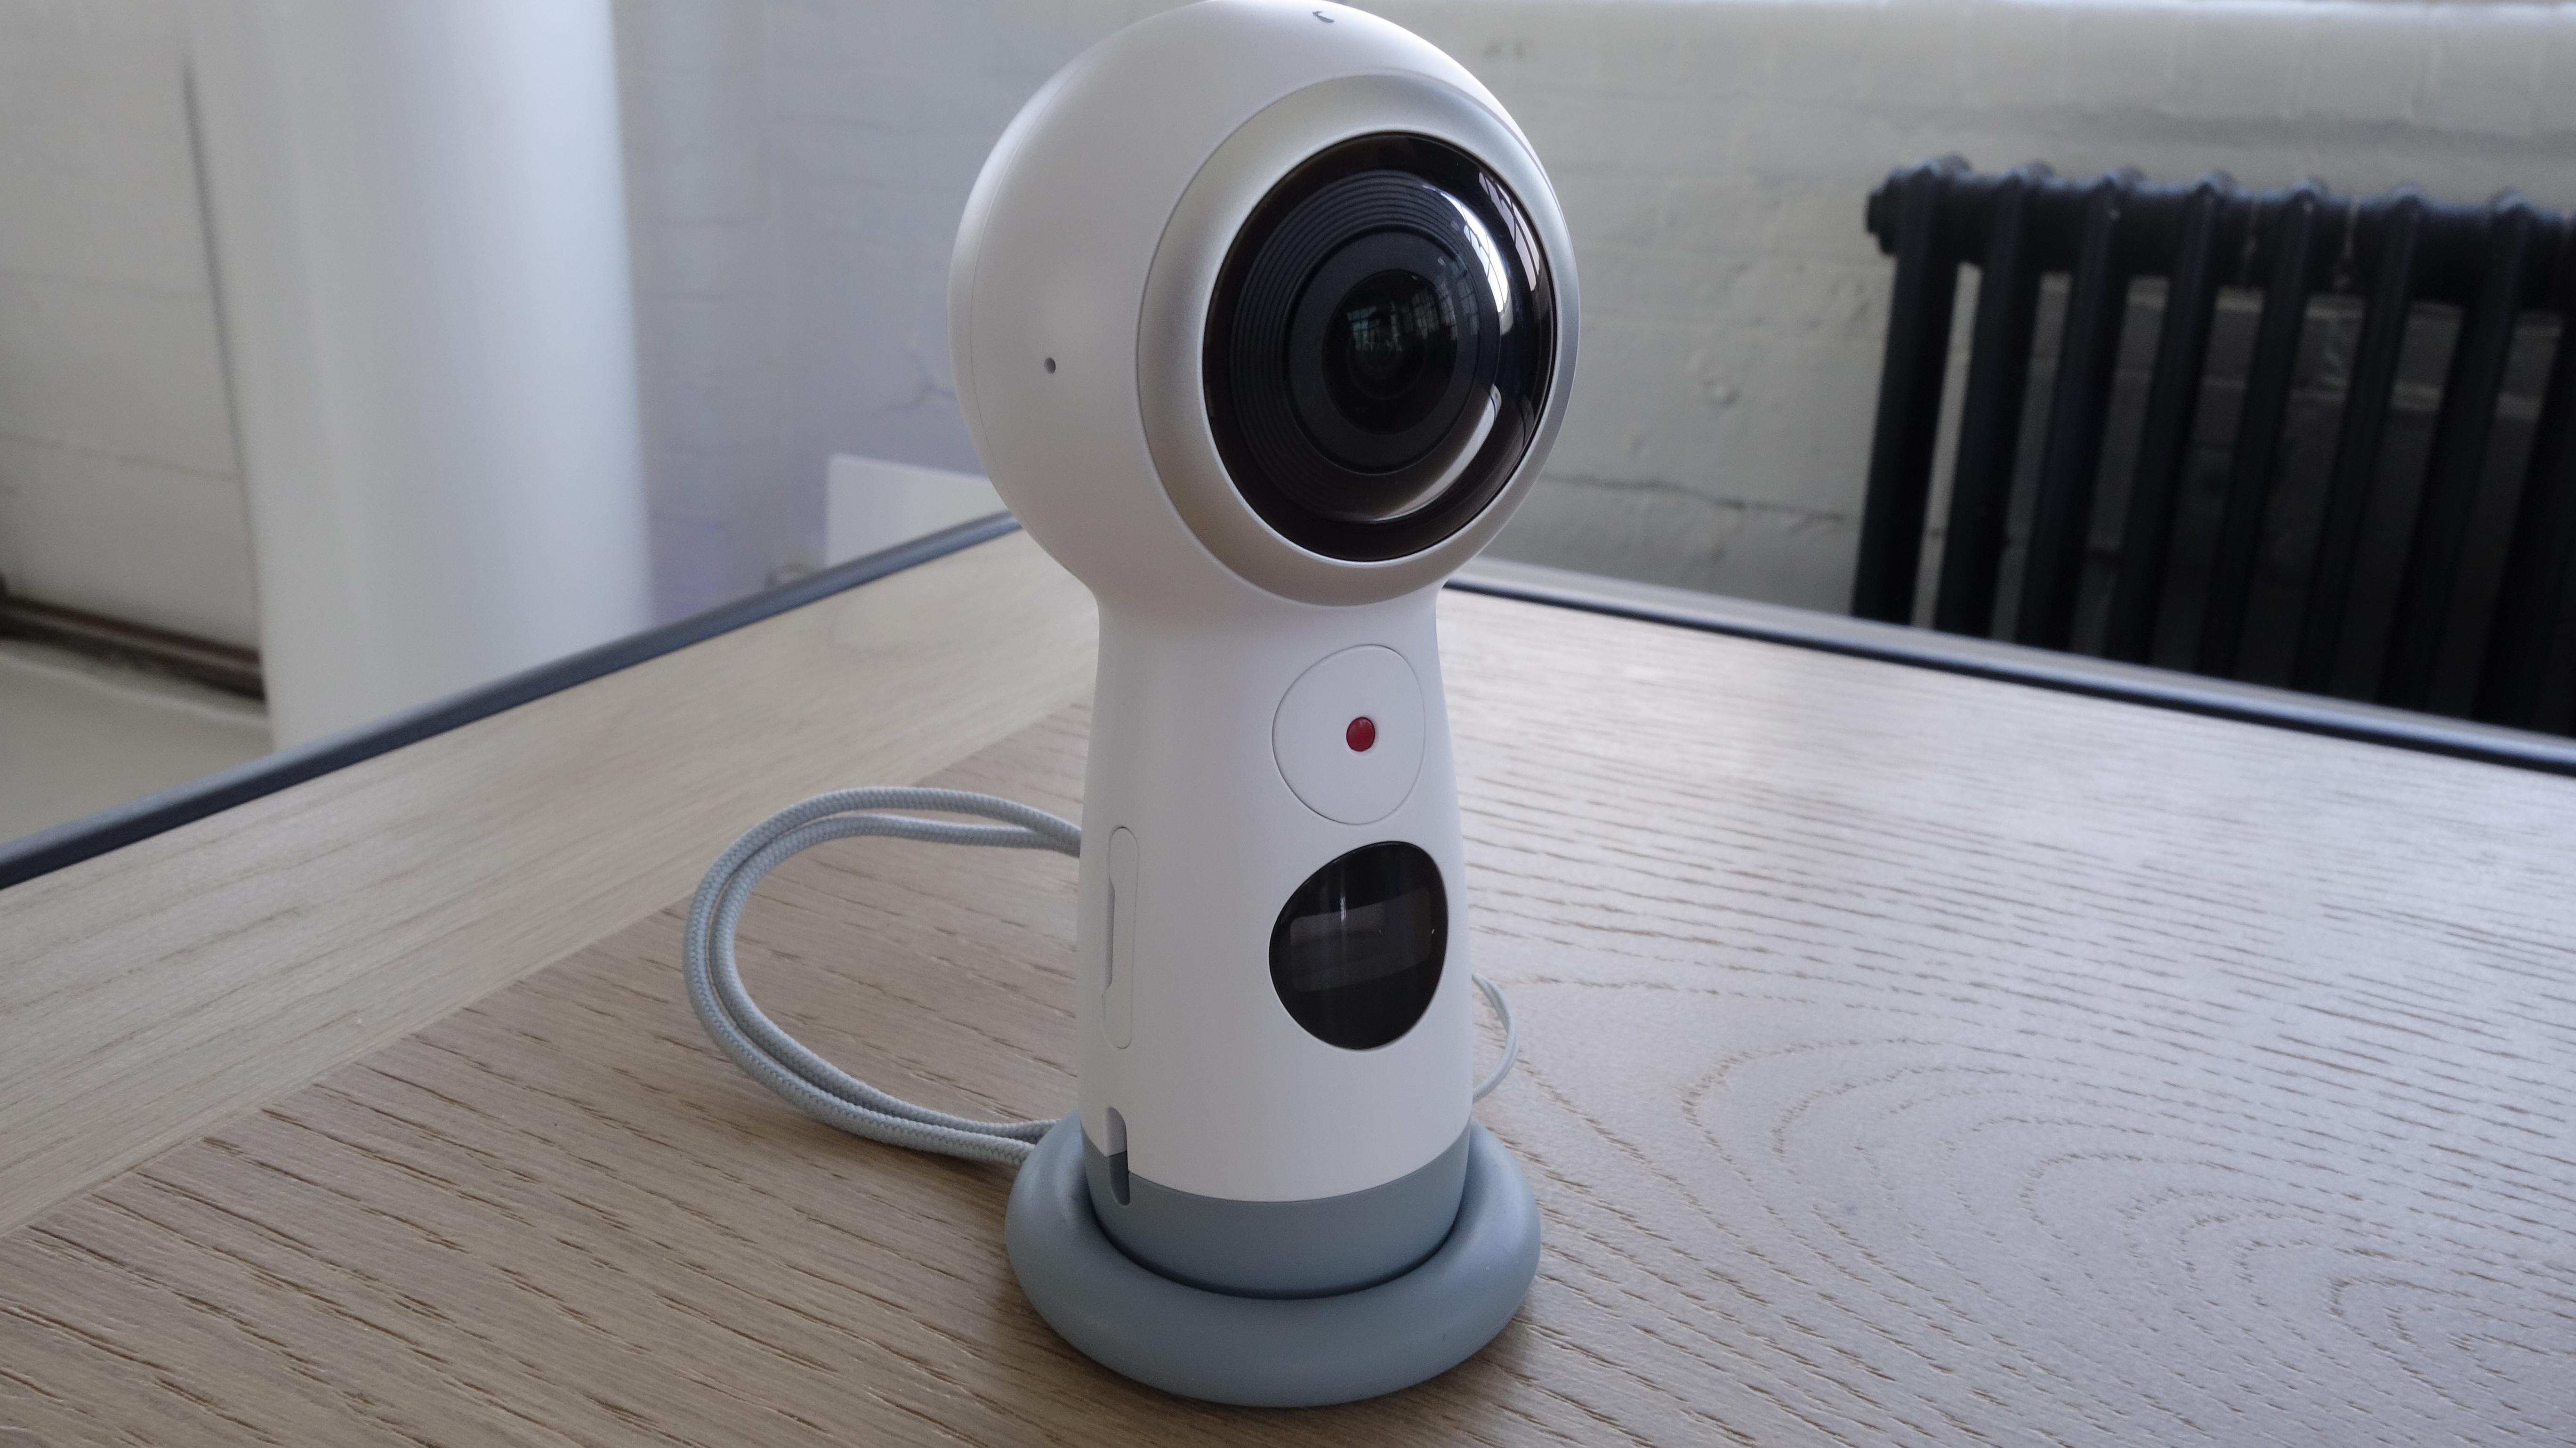 360 grad kamera gear 360 neues modell kann 4k videos. Black Bedroom Furniture Sets. Home Design Ideas